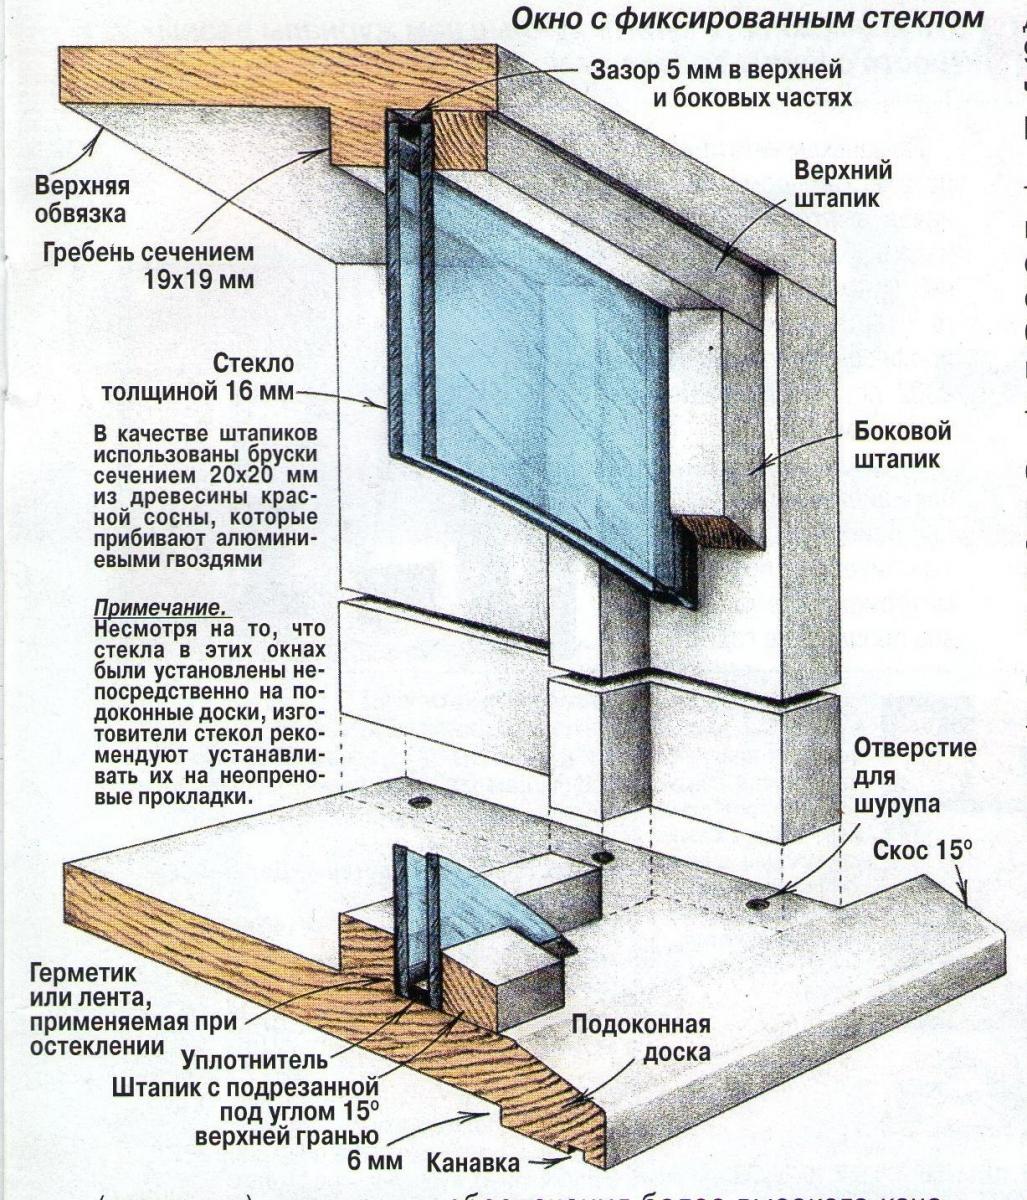 Как установить пластиковое окно на веранду своими руками